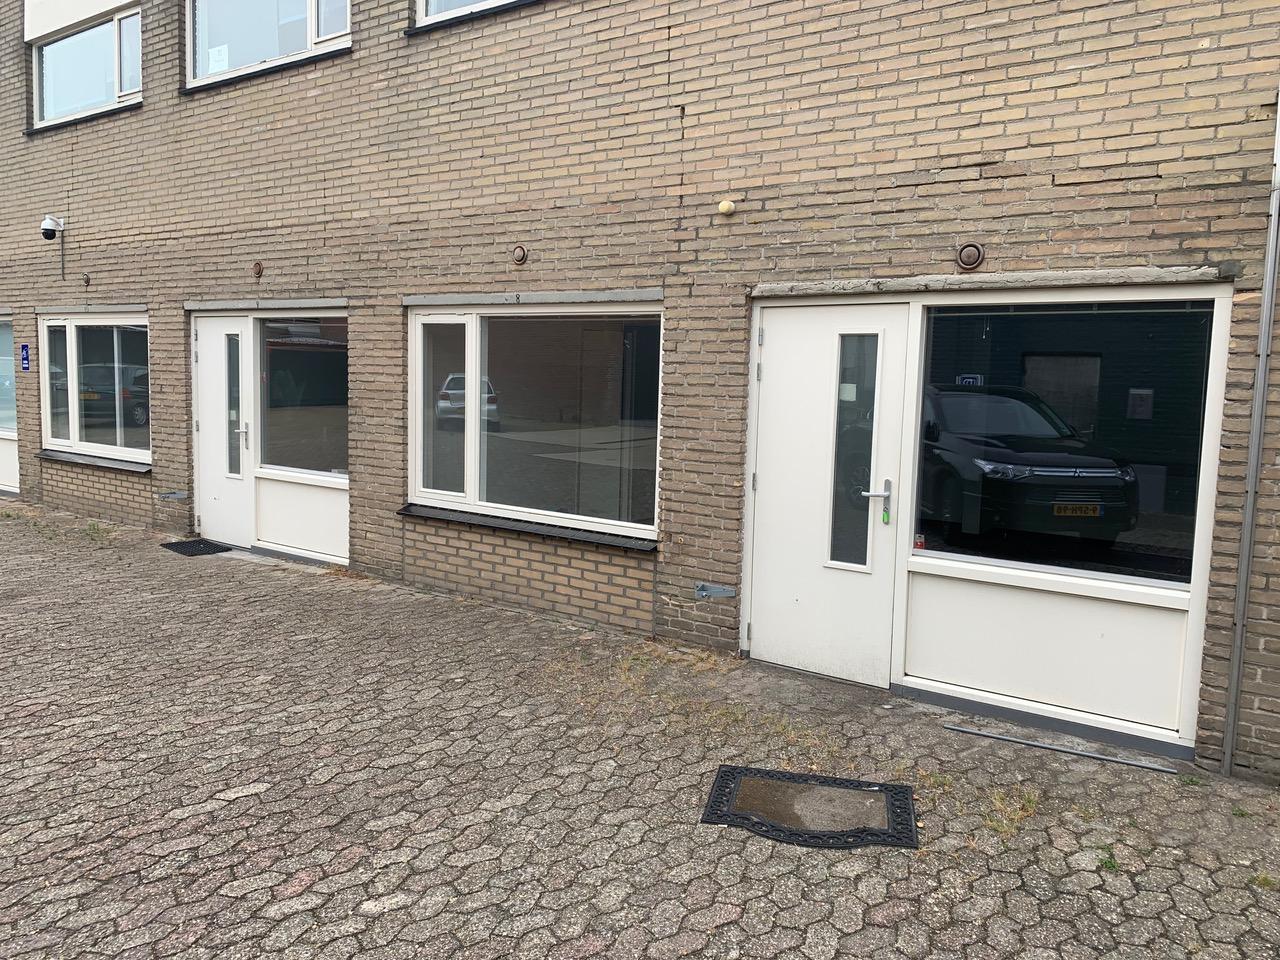 Willem van Konijnenburglaan 7 Eindhoven